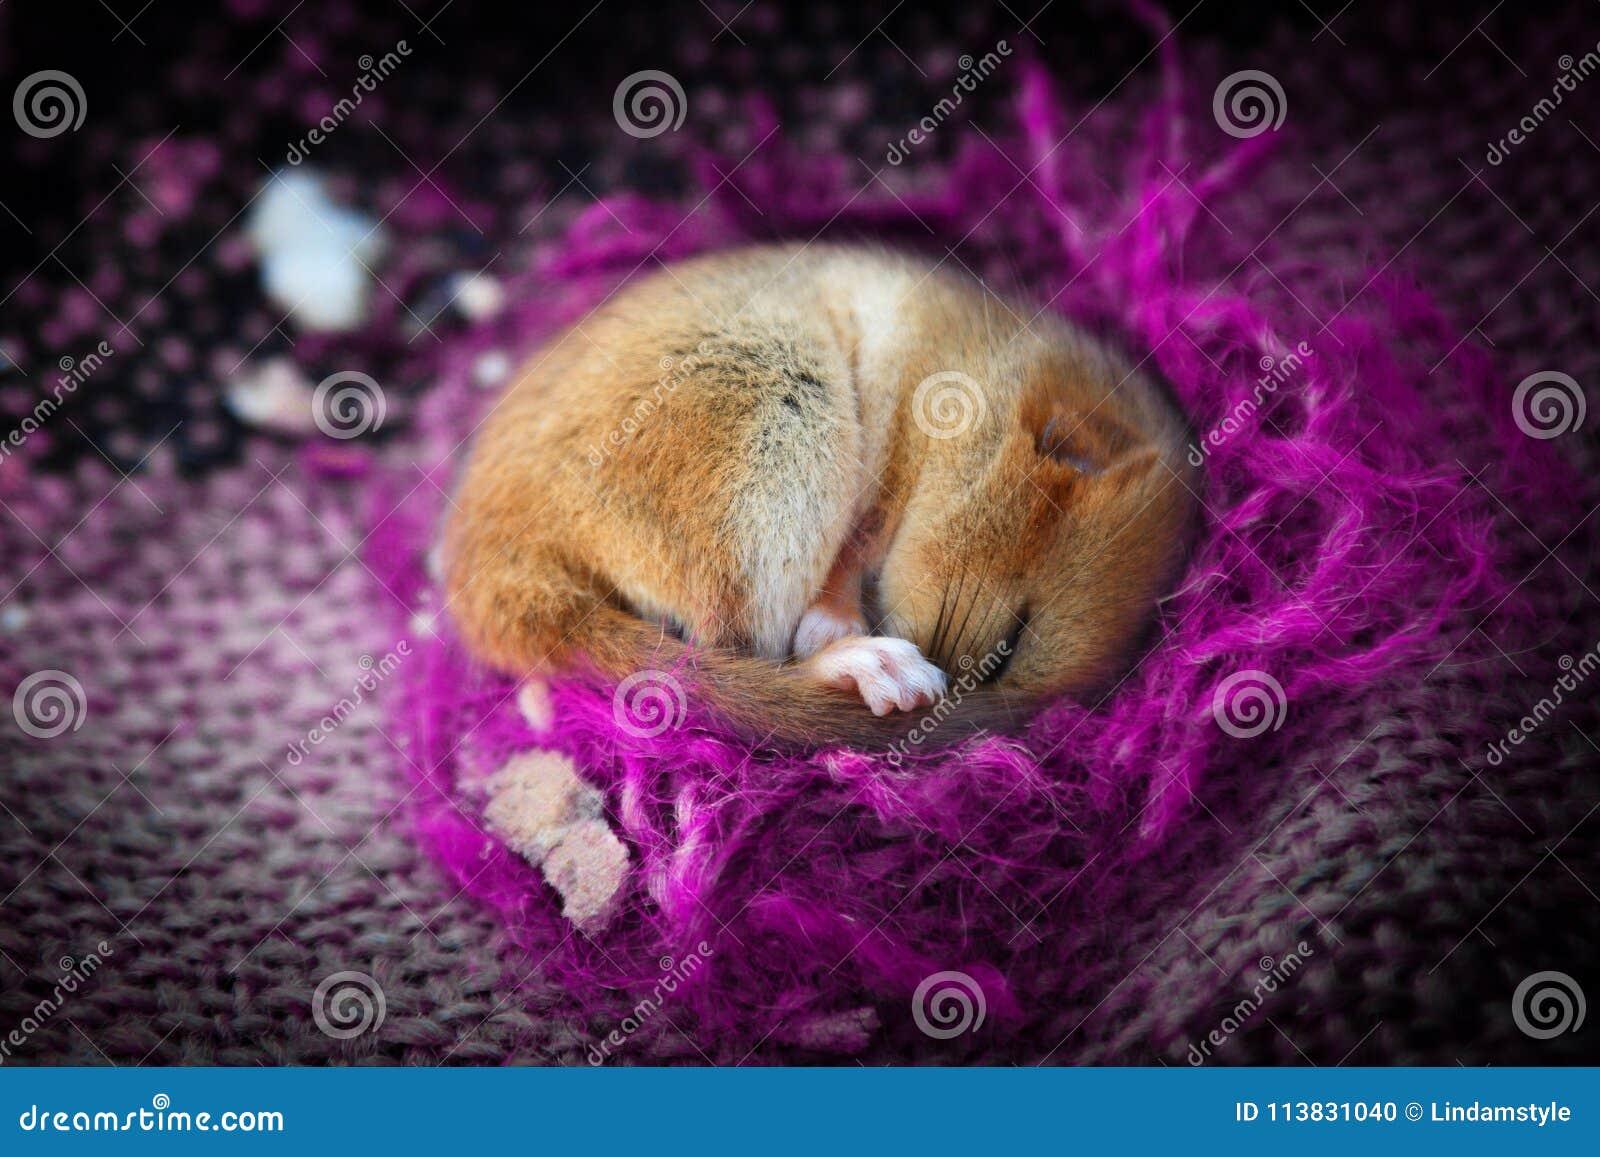 Милое маленькое животное спать в фиолетовом одеяле